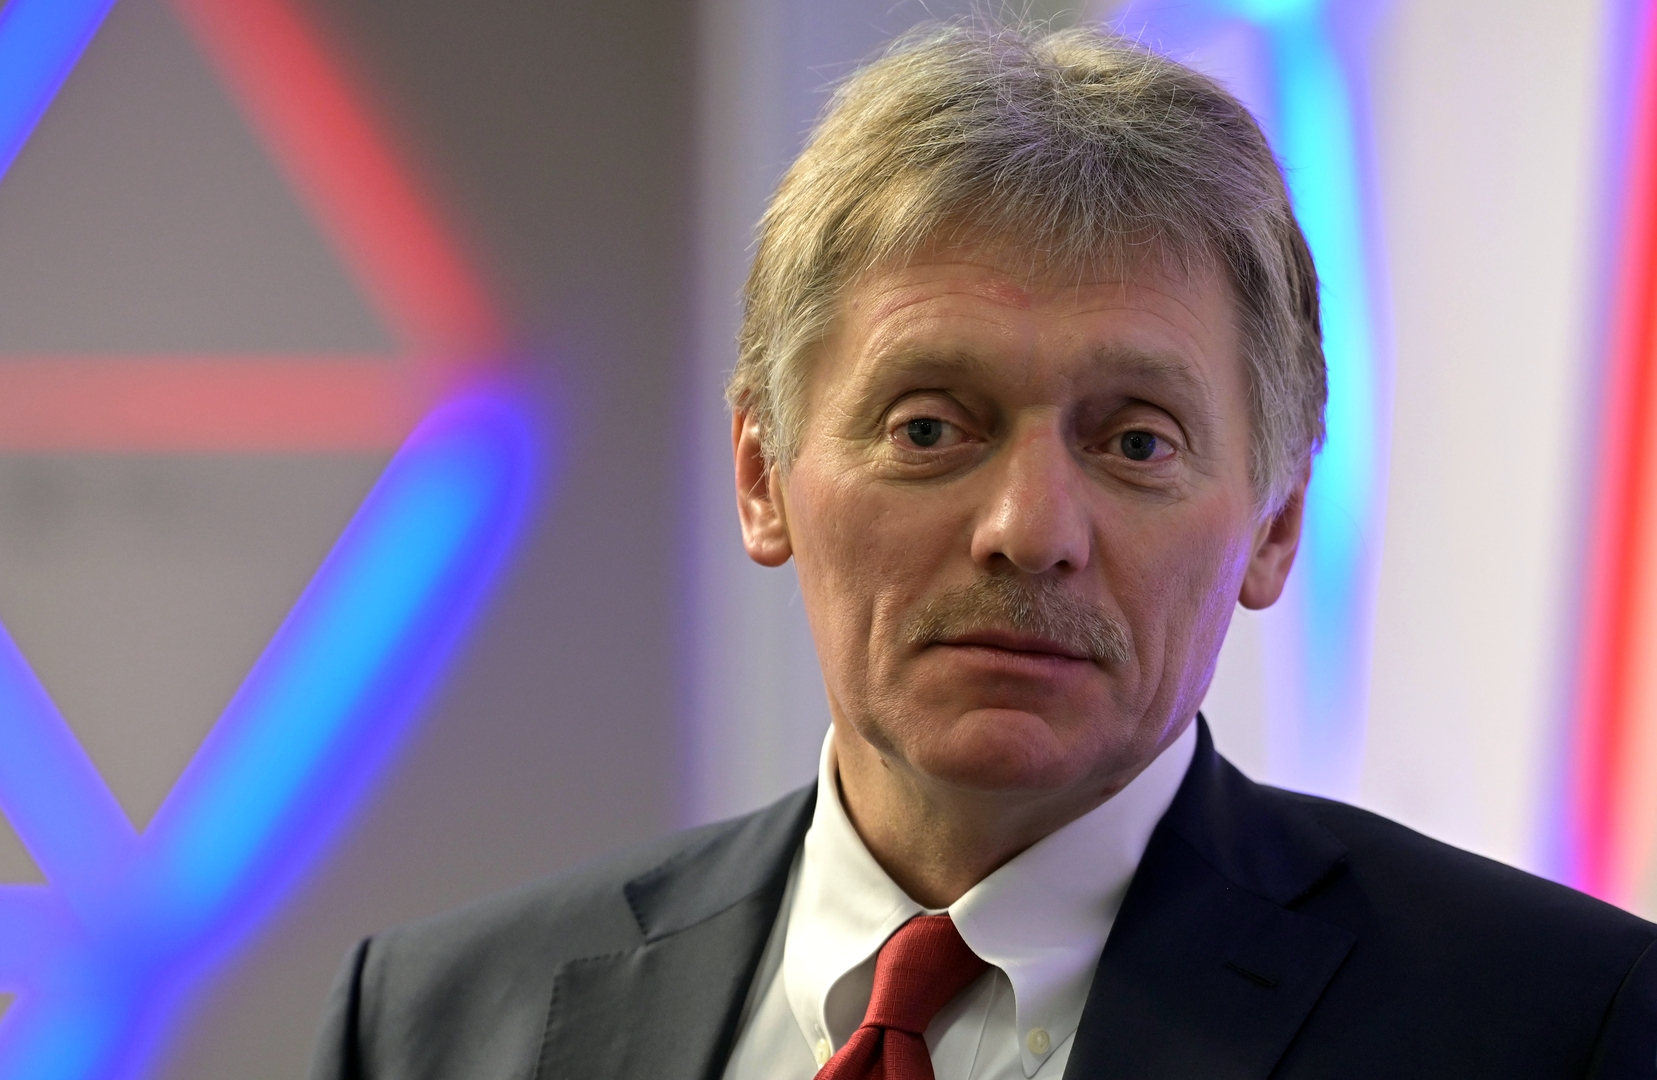 المتحدث باسم الرئاسة الروسية، دميتري بيسكوف